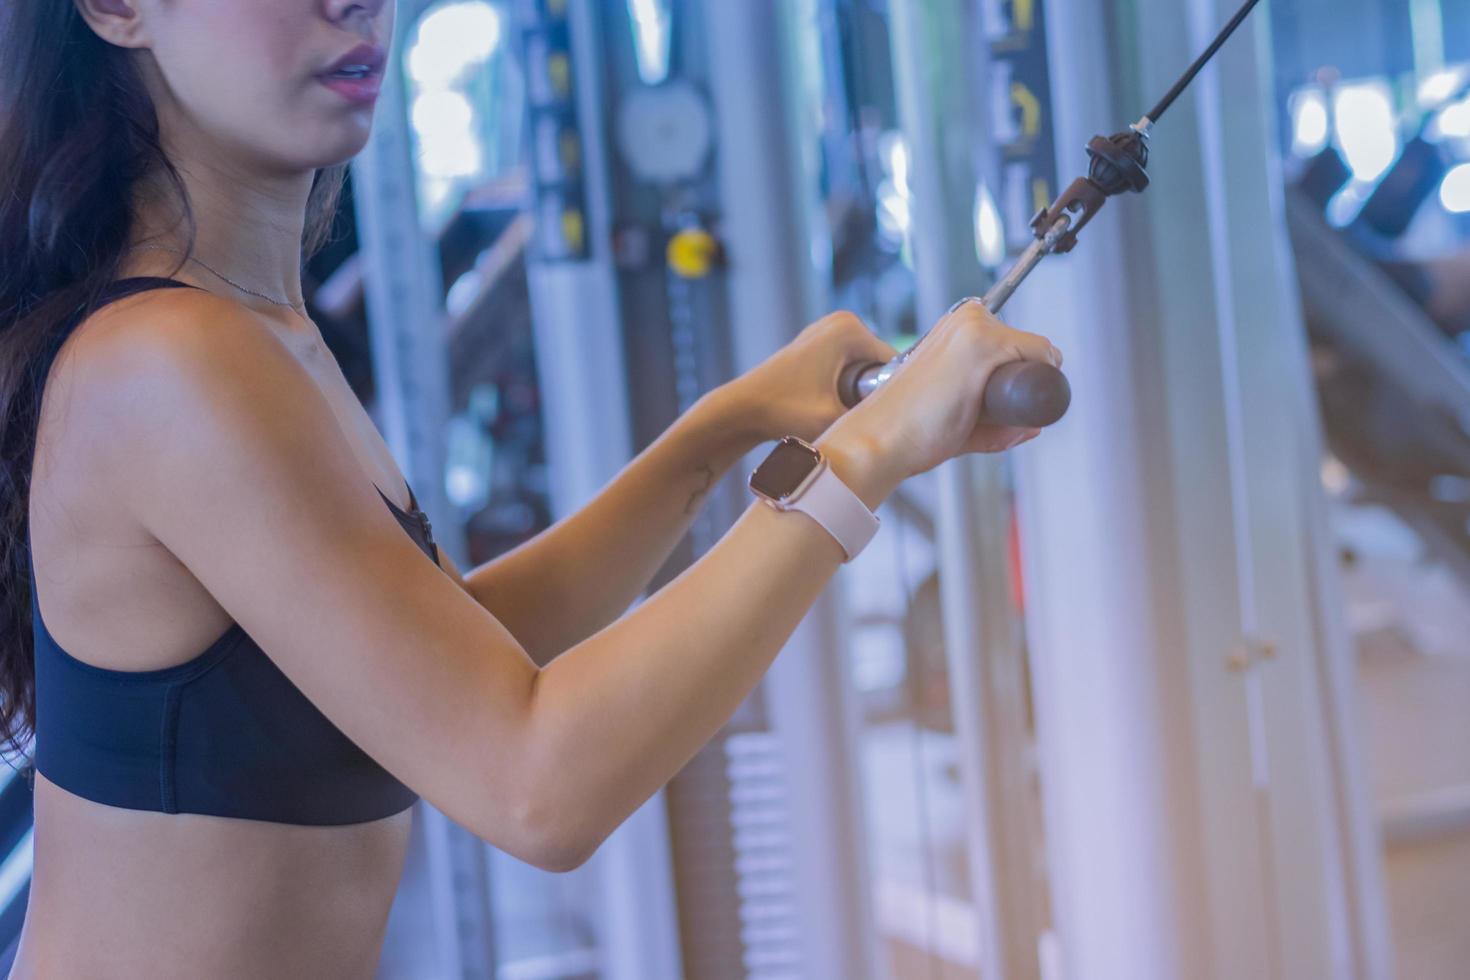 belle jeune femme faisant des exercices dans la salle de gym photo